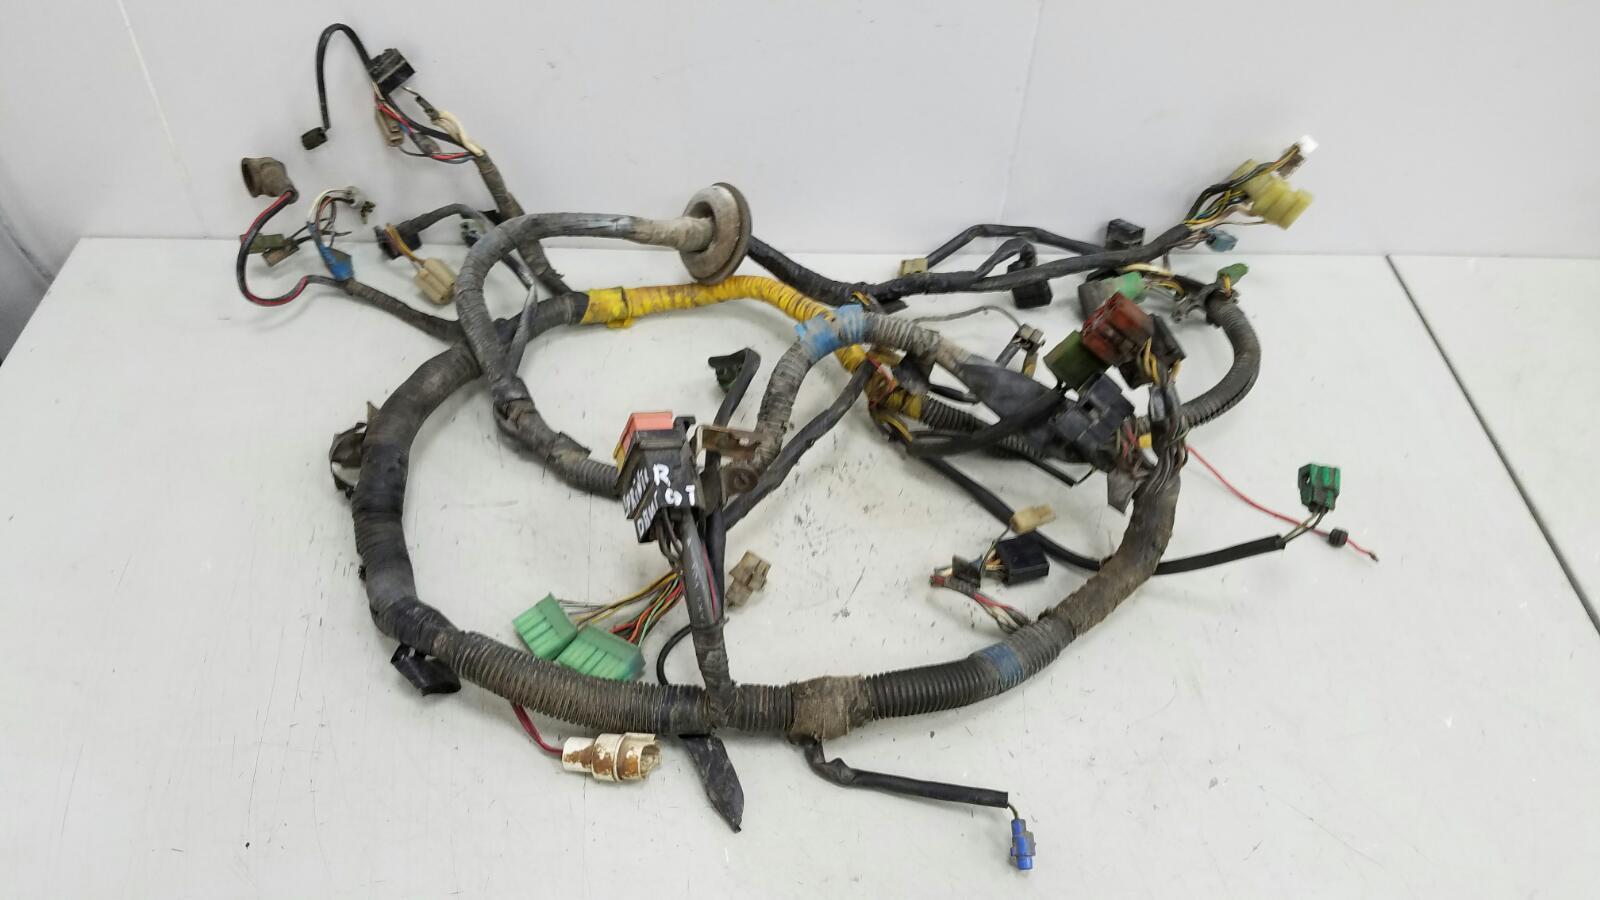 Проводка шлейф коса двигателя двс Toyota Sprinter AE81 3ALU 1.5Л 1986